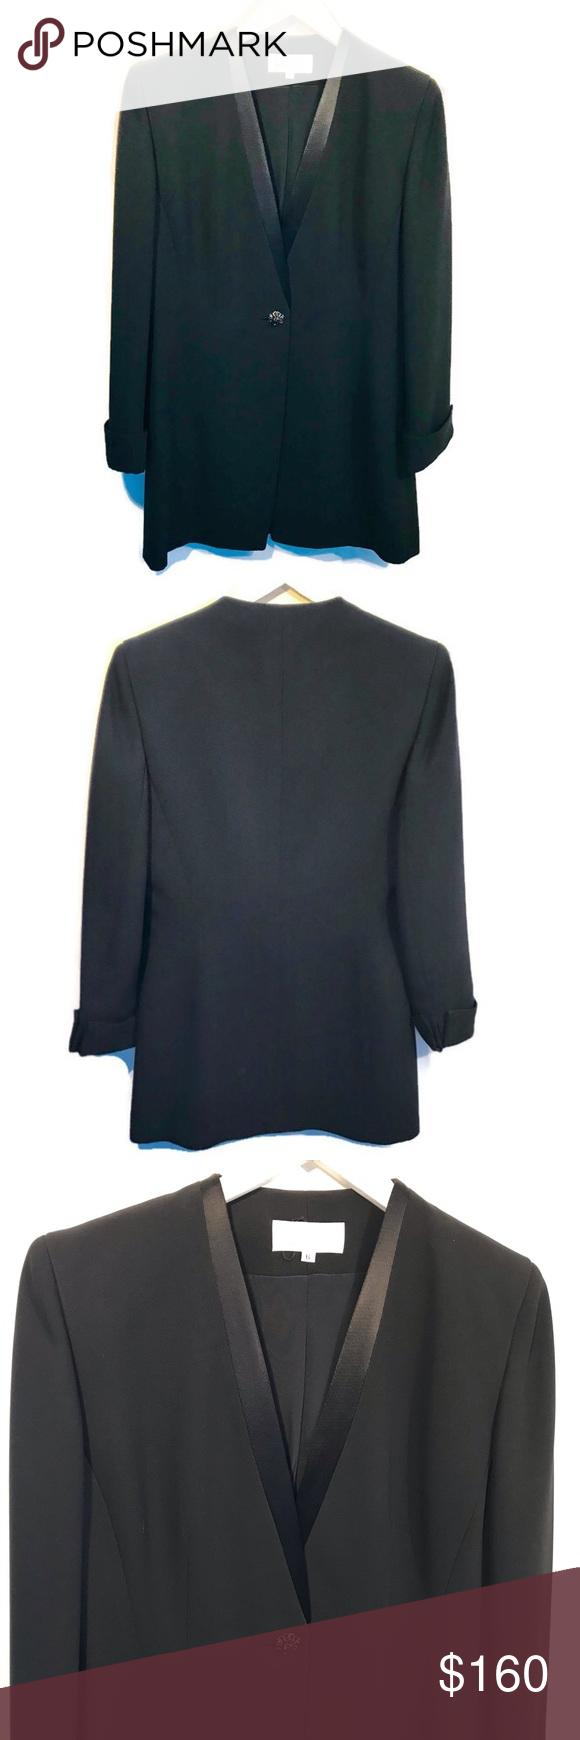 Badgley Mischka Black Tuxedo Jacket Dress Jacket Like New Worn Once Badgley Mischka Black Women S Tuxedo Jacket Fancy Suit Jacket Dress Black Tuxedo Jacket [ 1740 x 580 Pixel ]